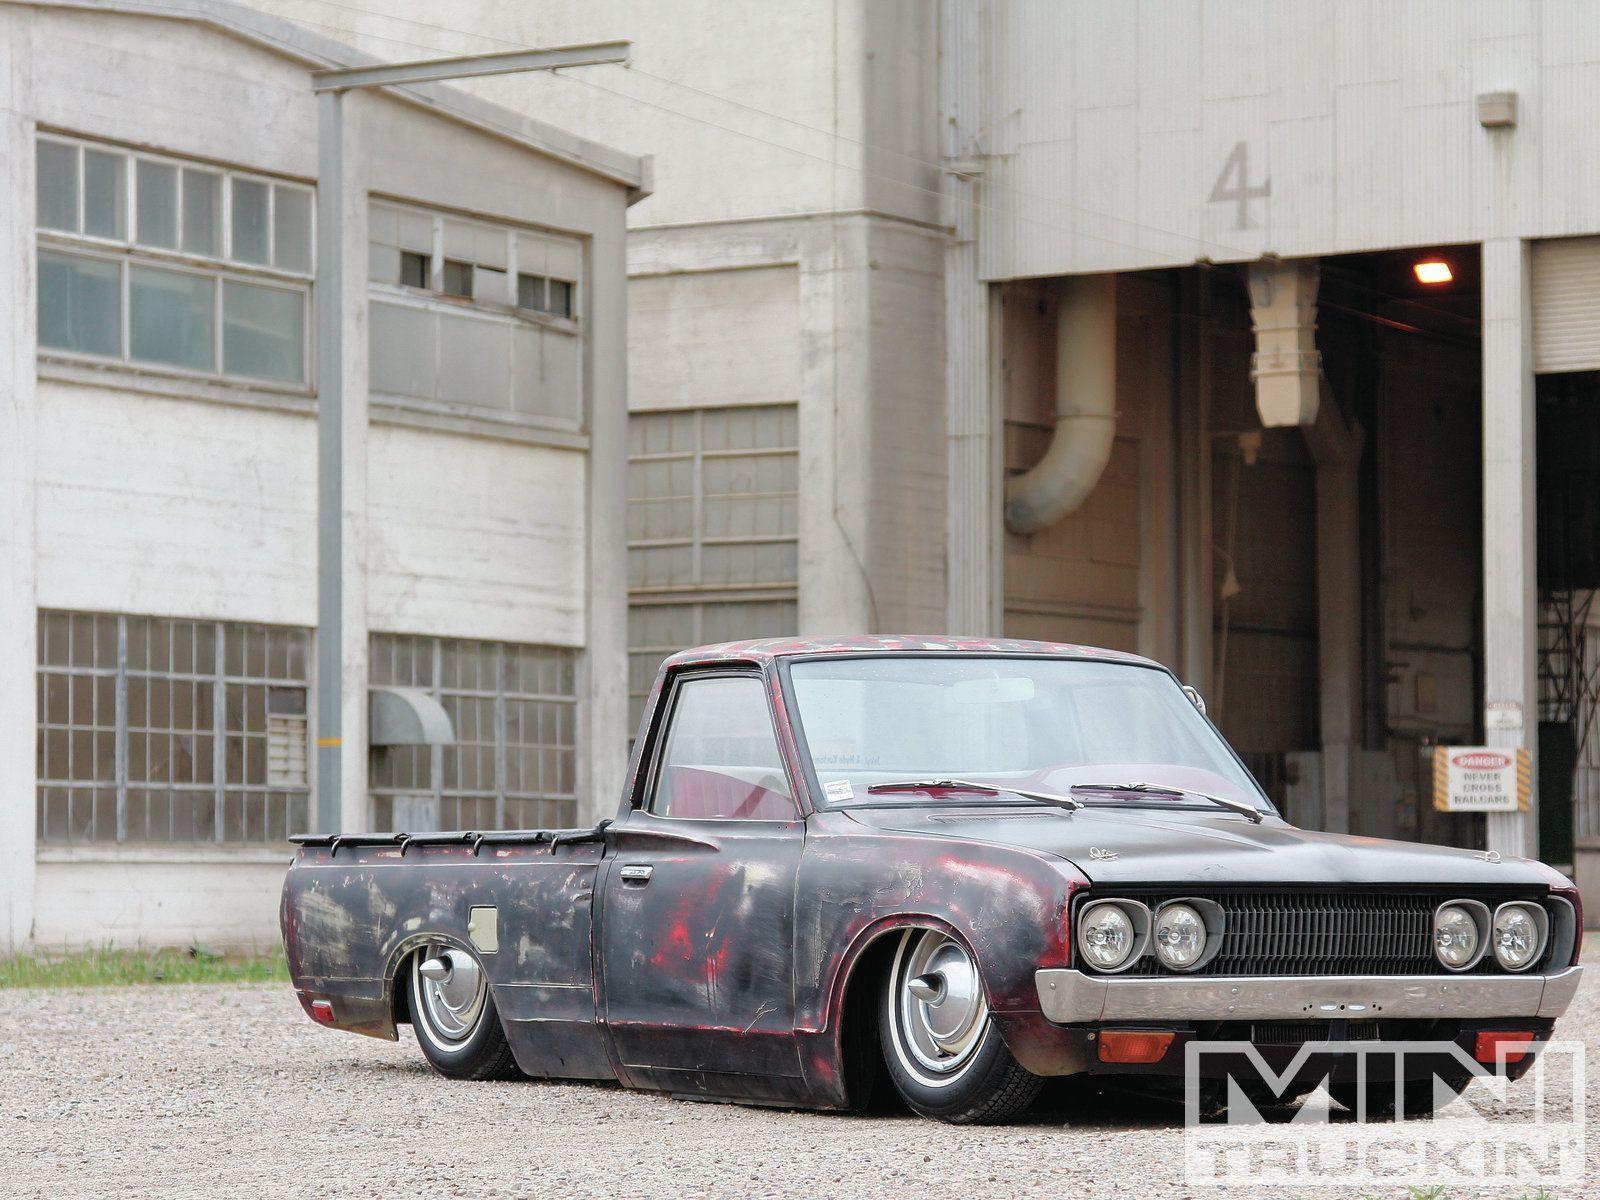 Nissan datsun 510 truck - 1973 Datsun 620 14 Inch Steelies Wheels